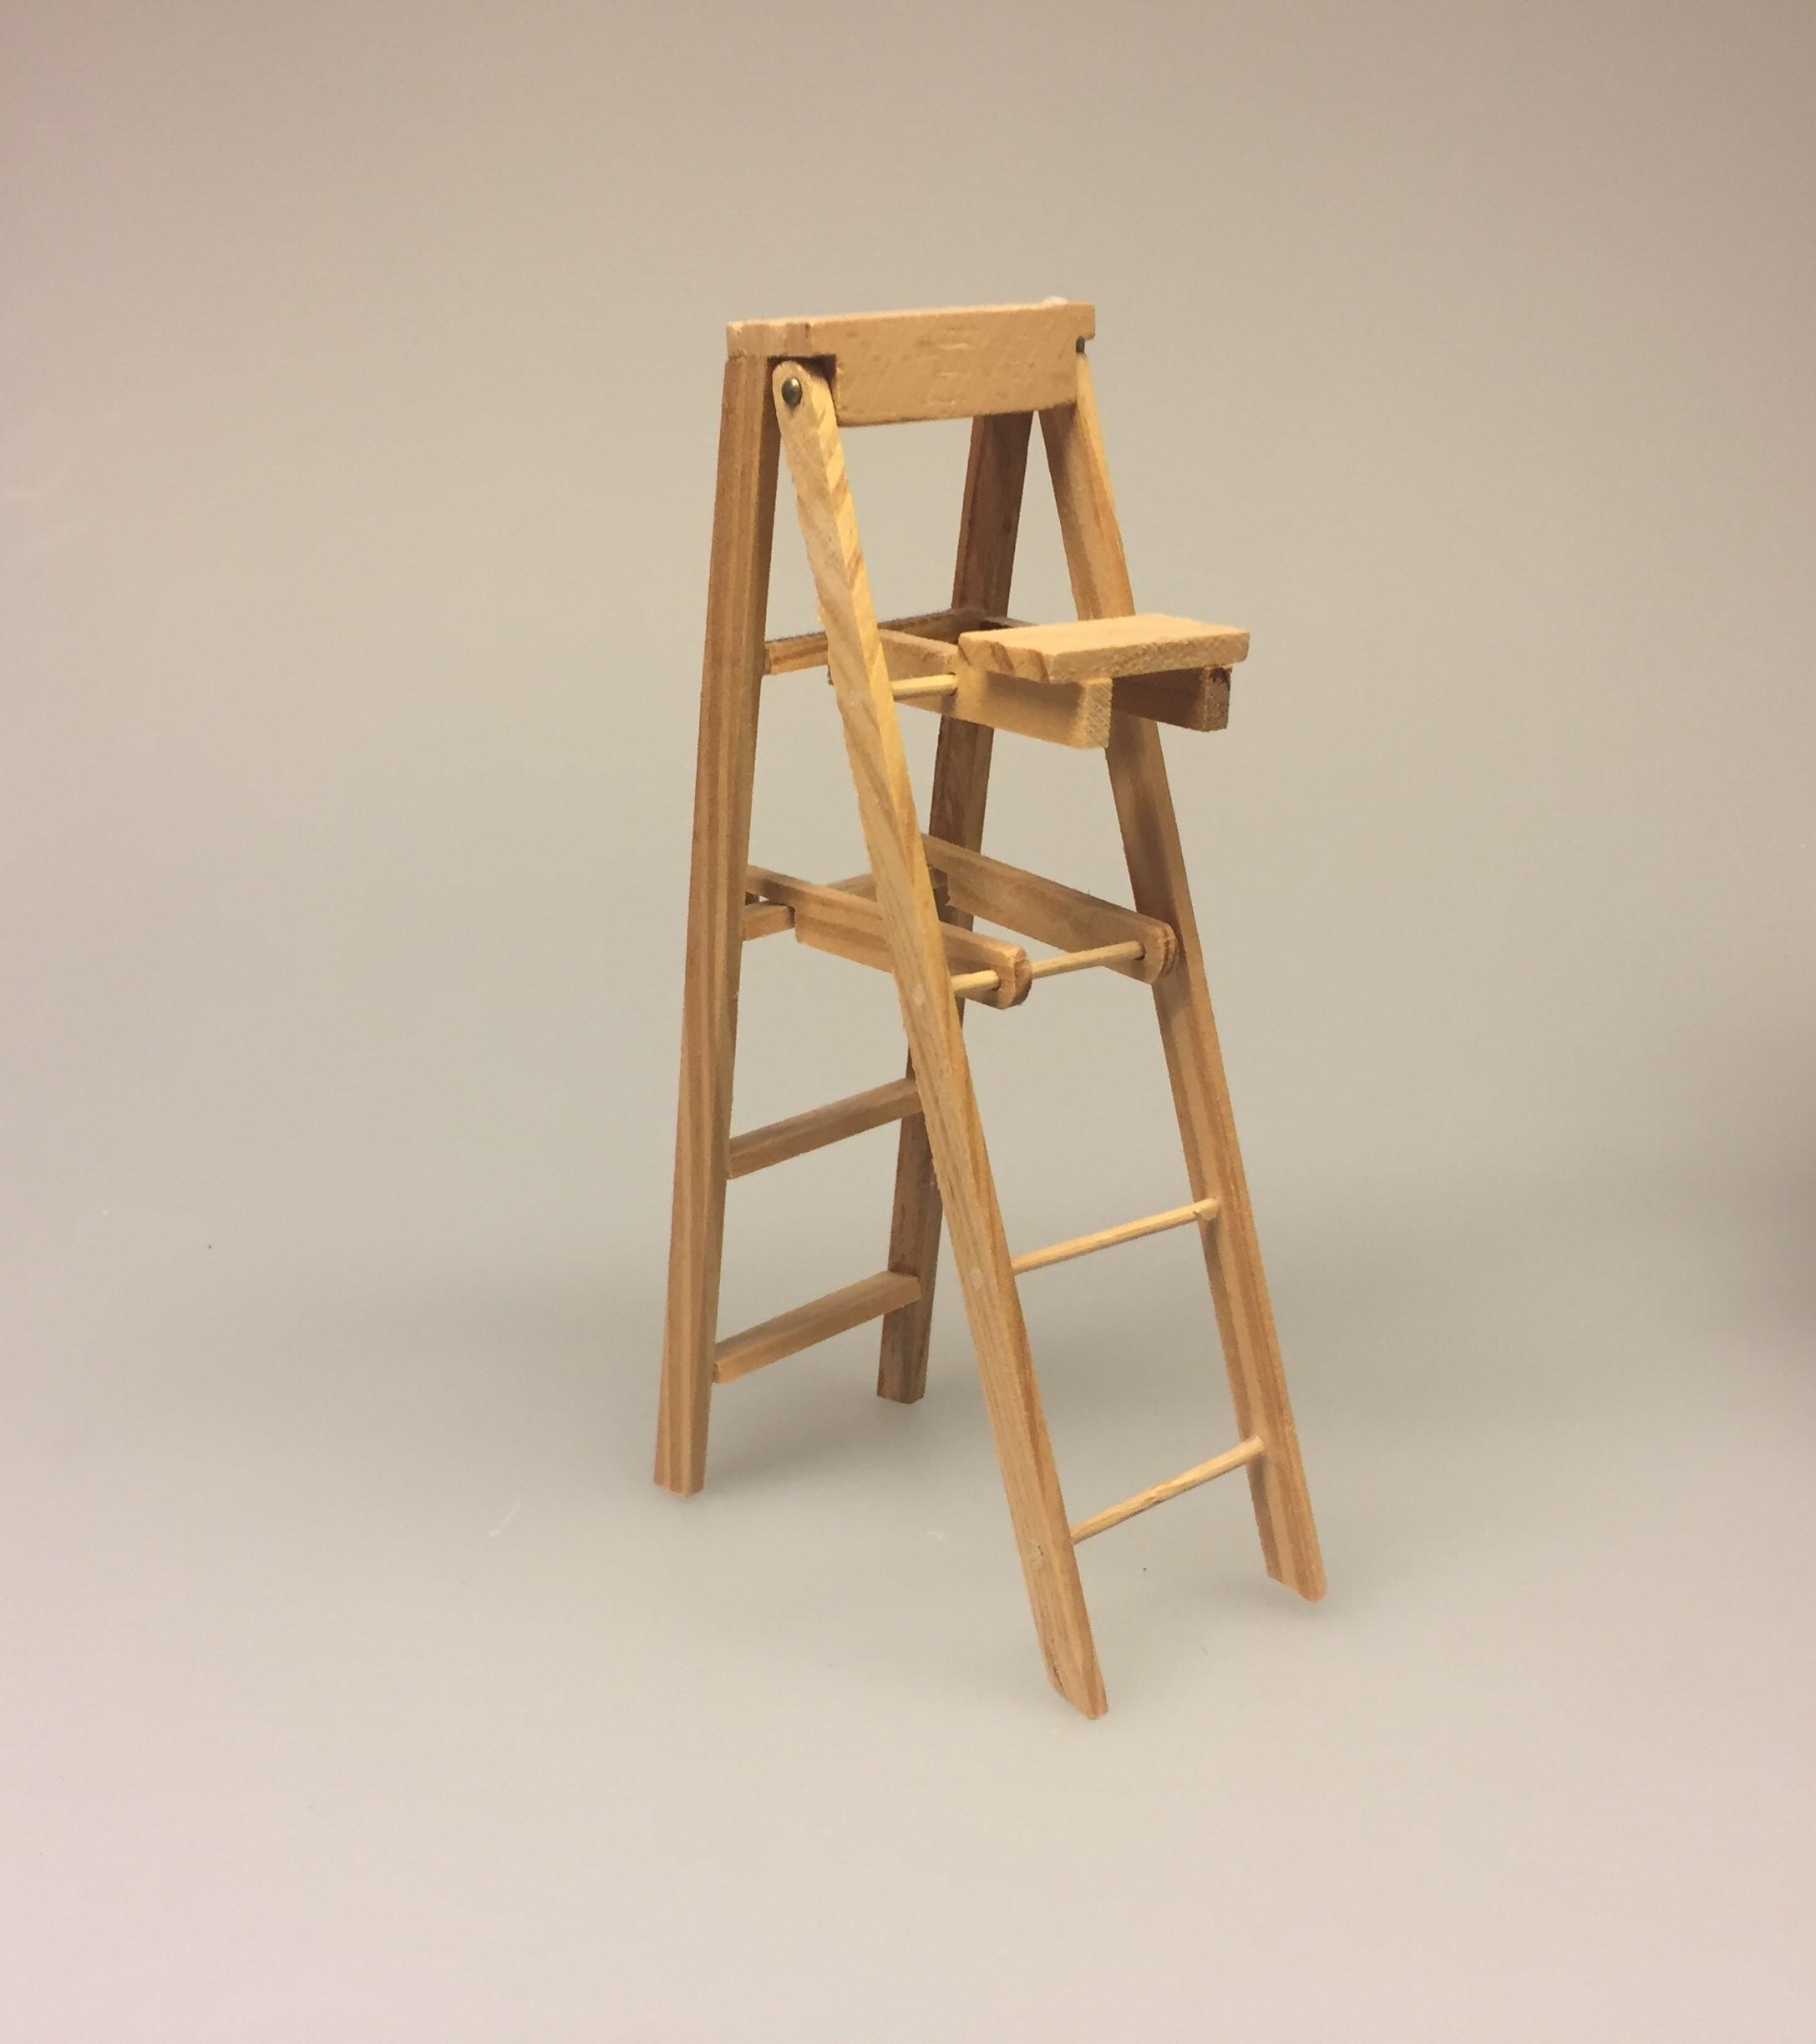 Miniature stige foldbar, wienerstige, stige, træstige, dukkehus, dukkehusting, ting til dukkehuset, miniature, miniaturer, nissedør, nisse, nisserne, nissehus, nisse tilbehør, dukkehus tilbehør, biti, ribe